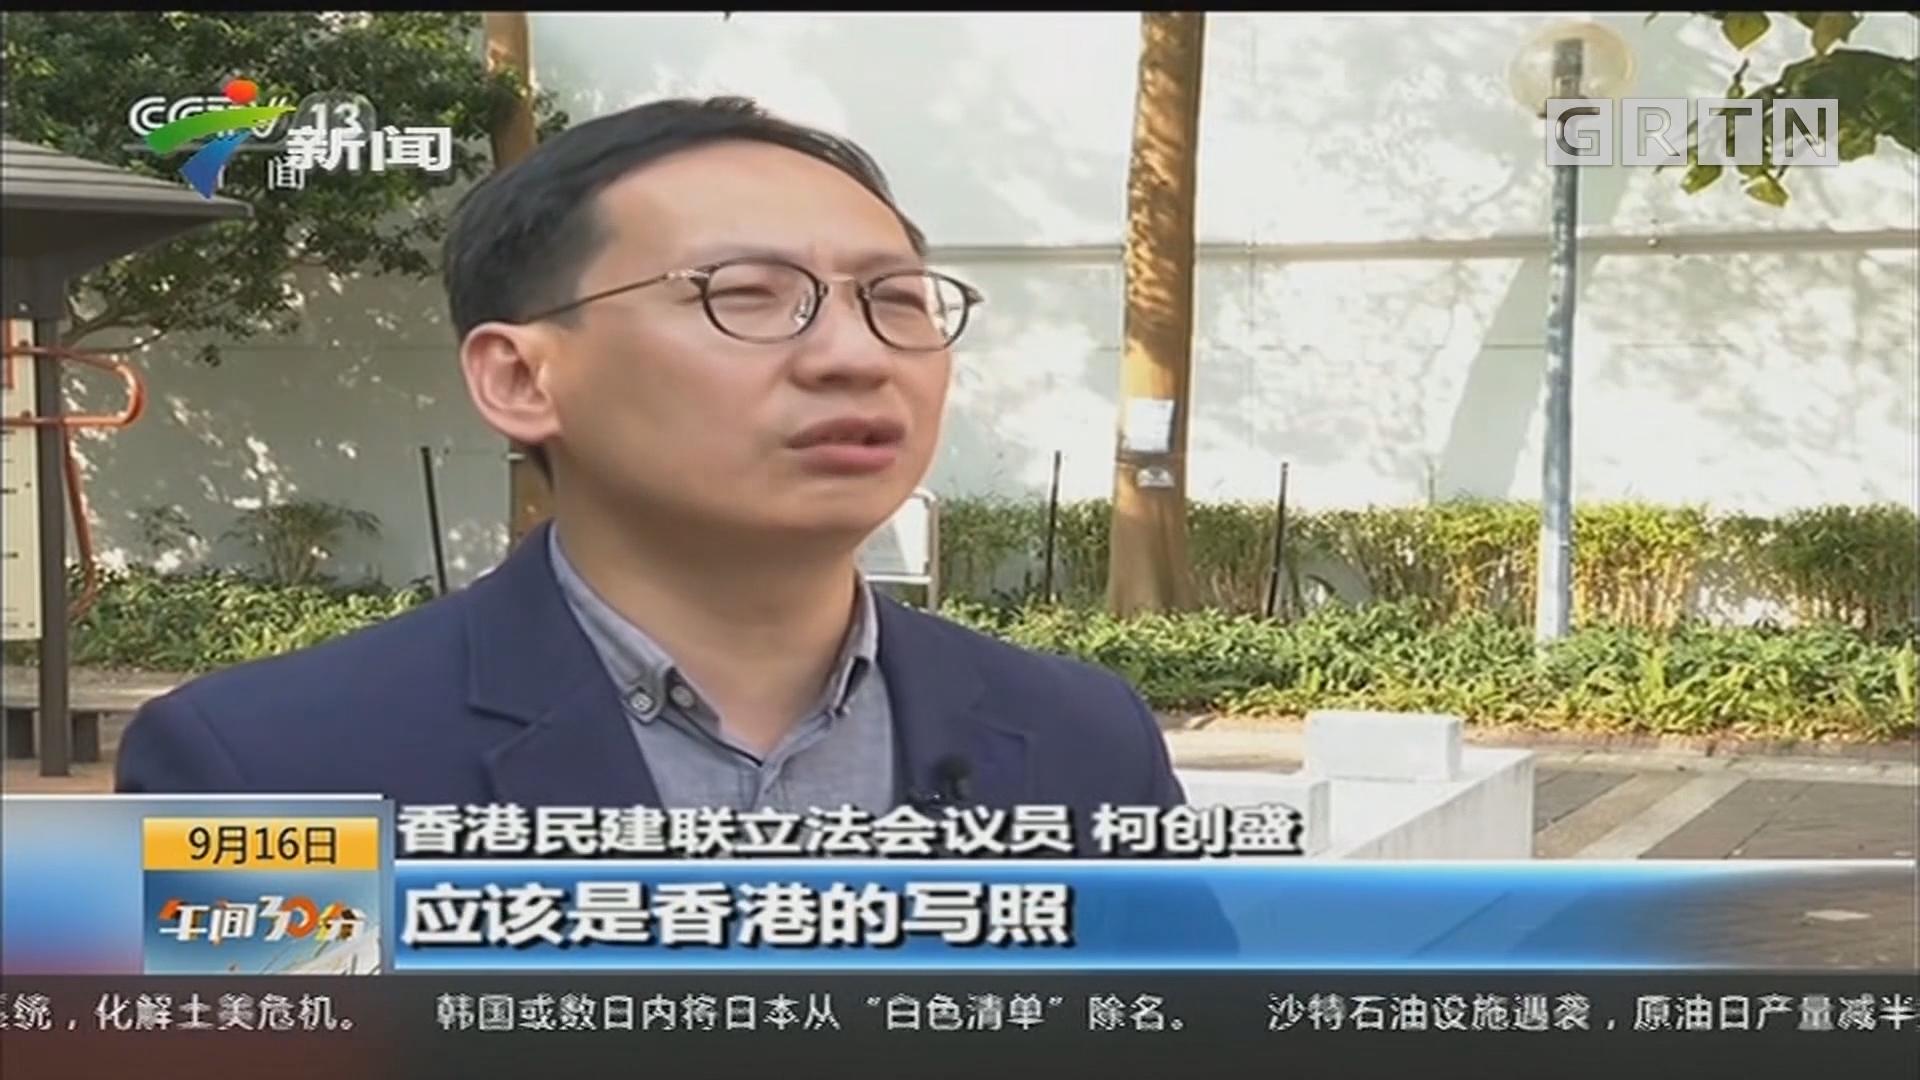 香港各界支持特区政府:积极解决土地房屋等民生问题